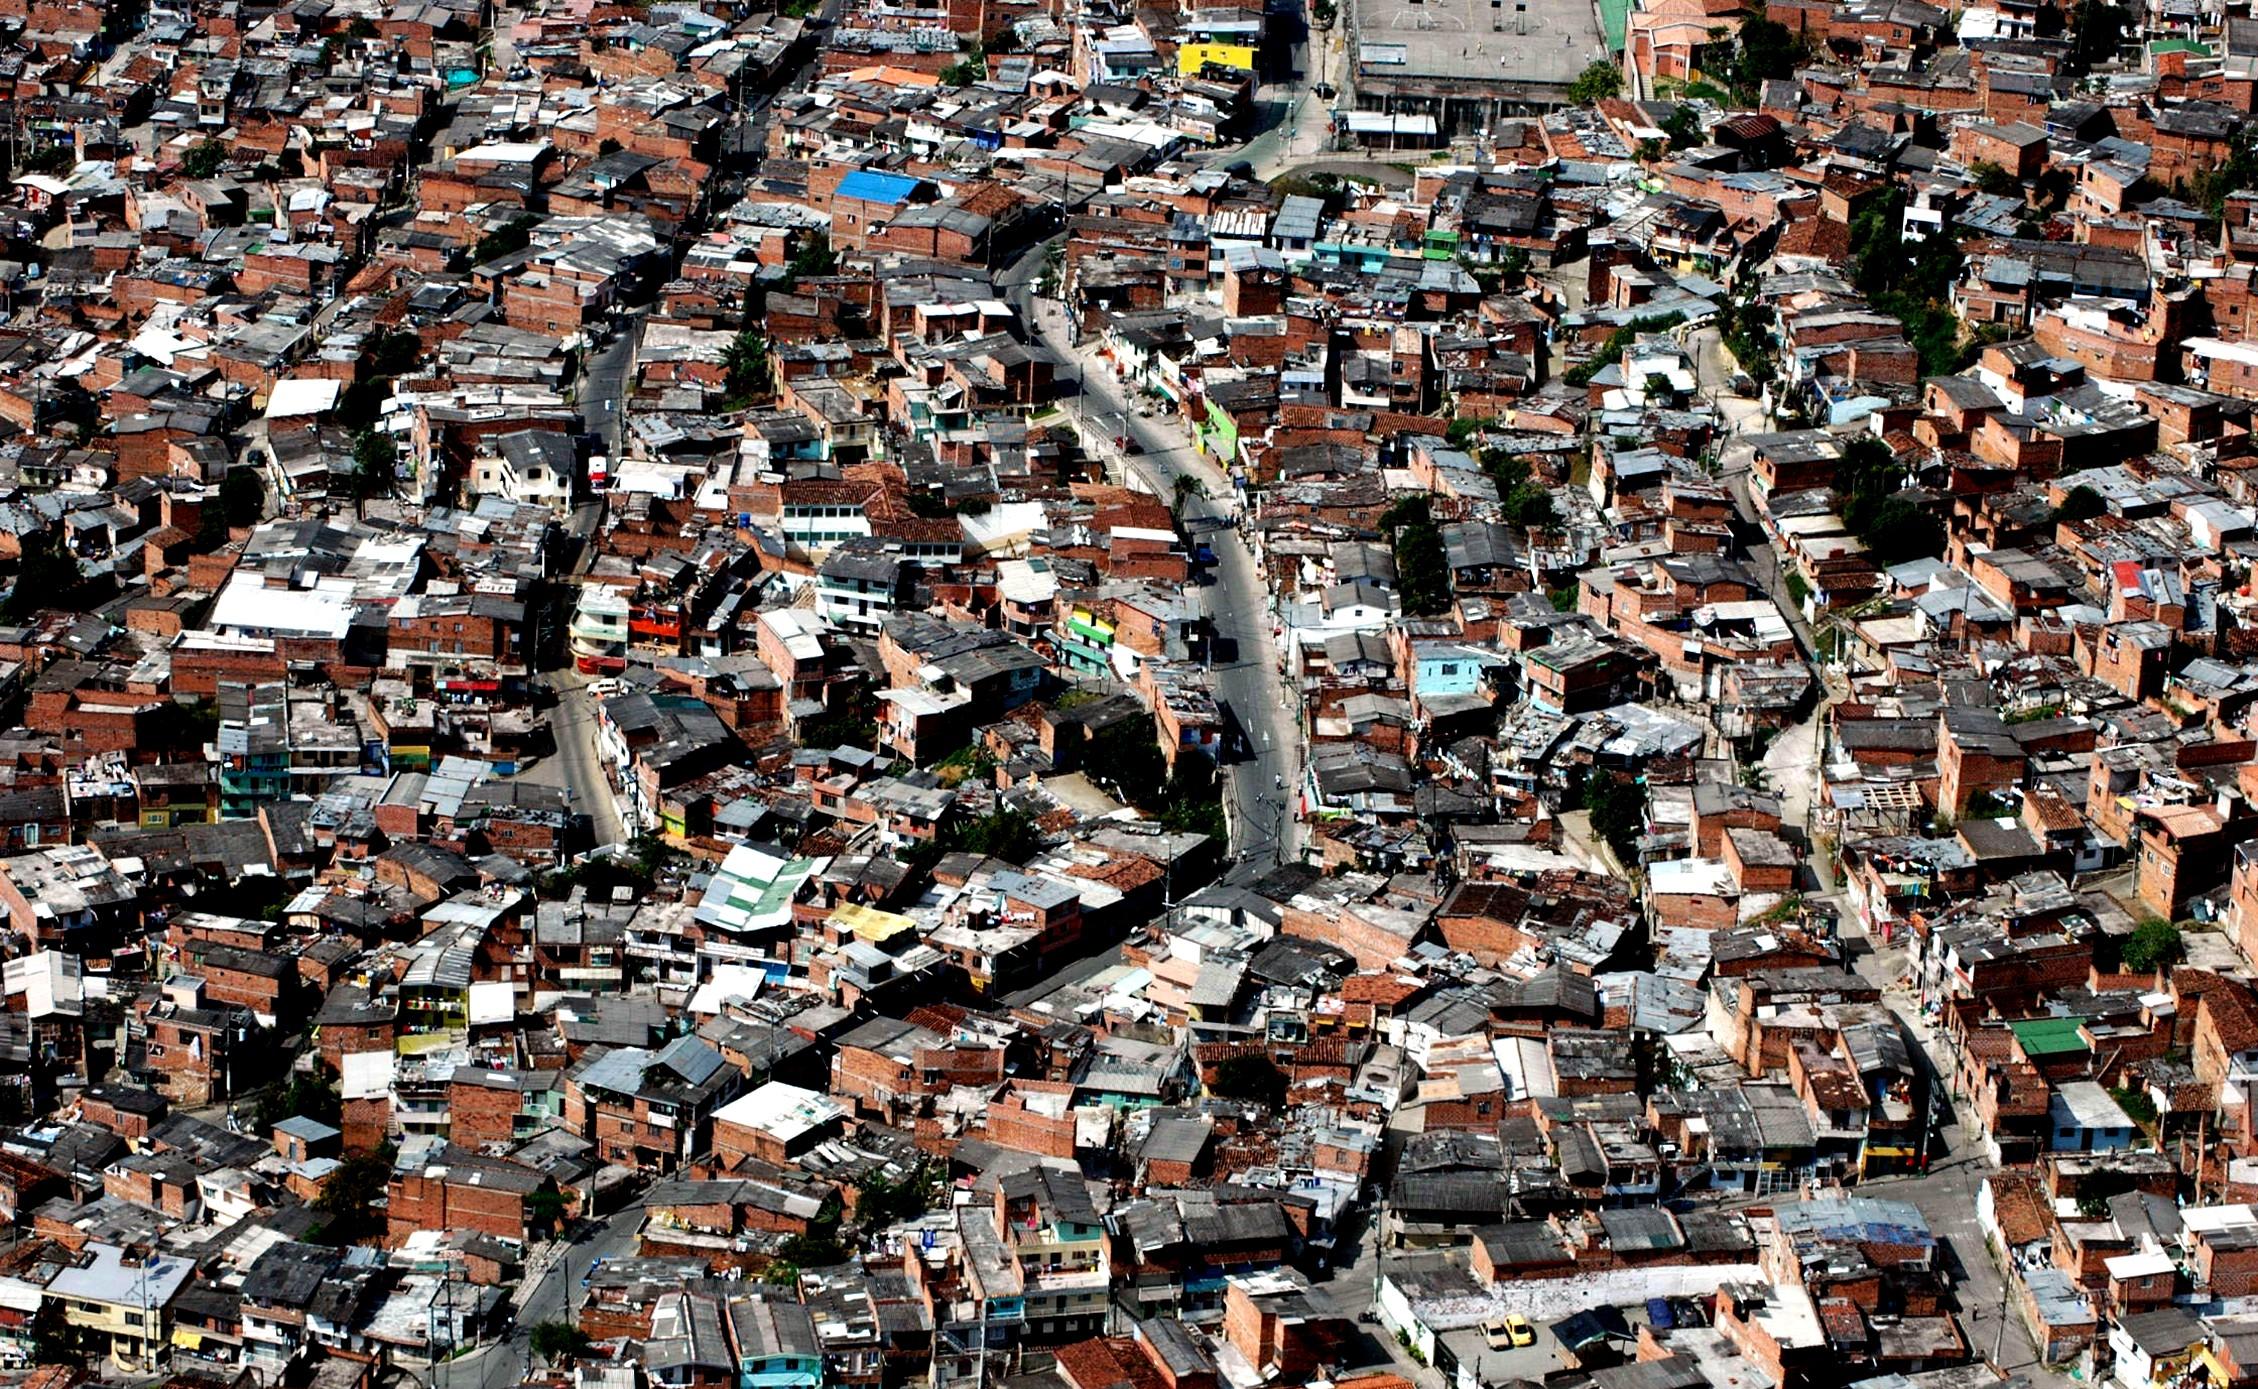 El crecimiento urbano y la demanda de agua en las ciudades ya se puede pronosticar